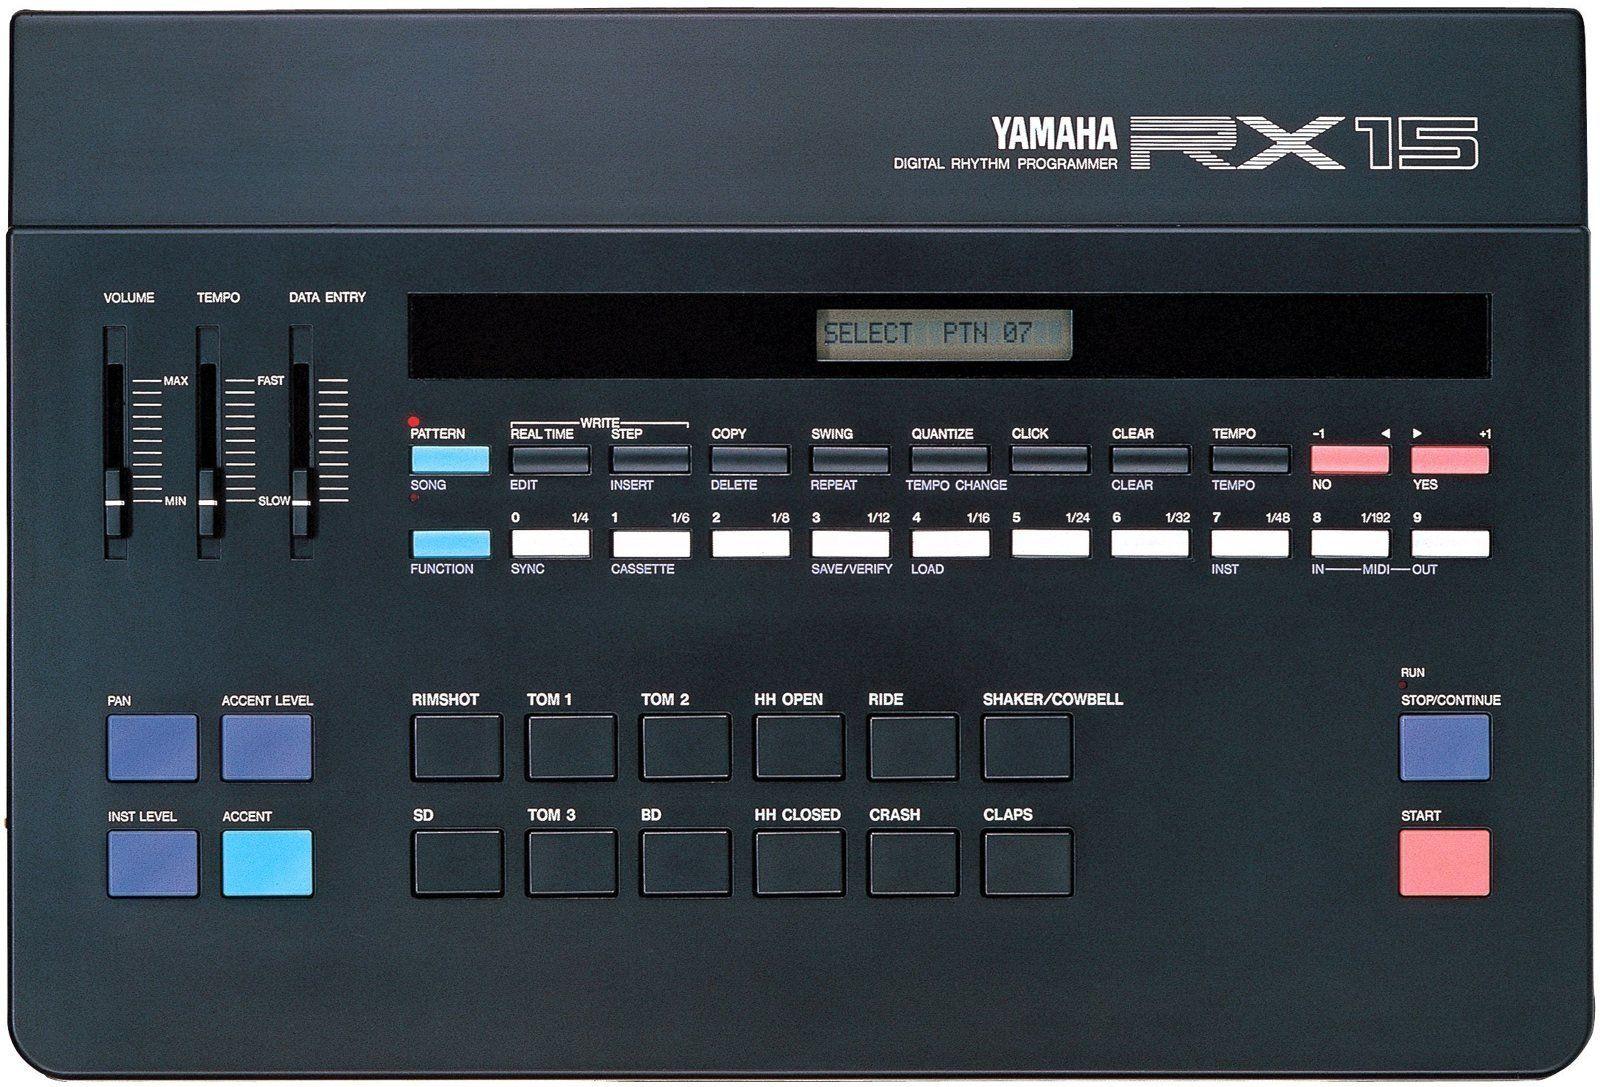 Yamaha RX15